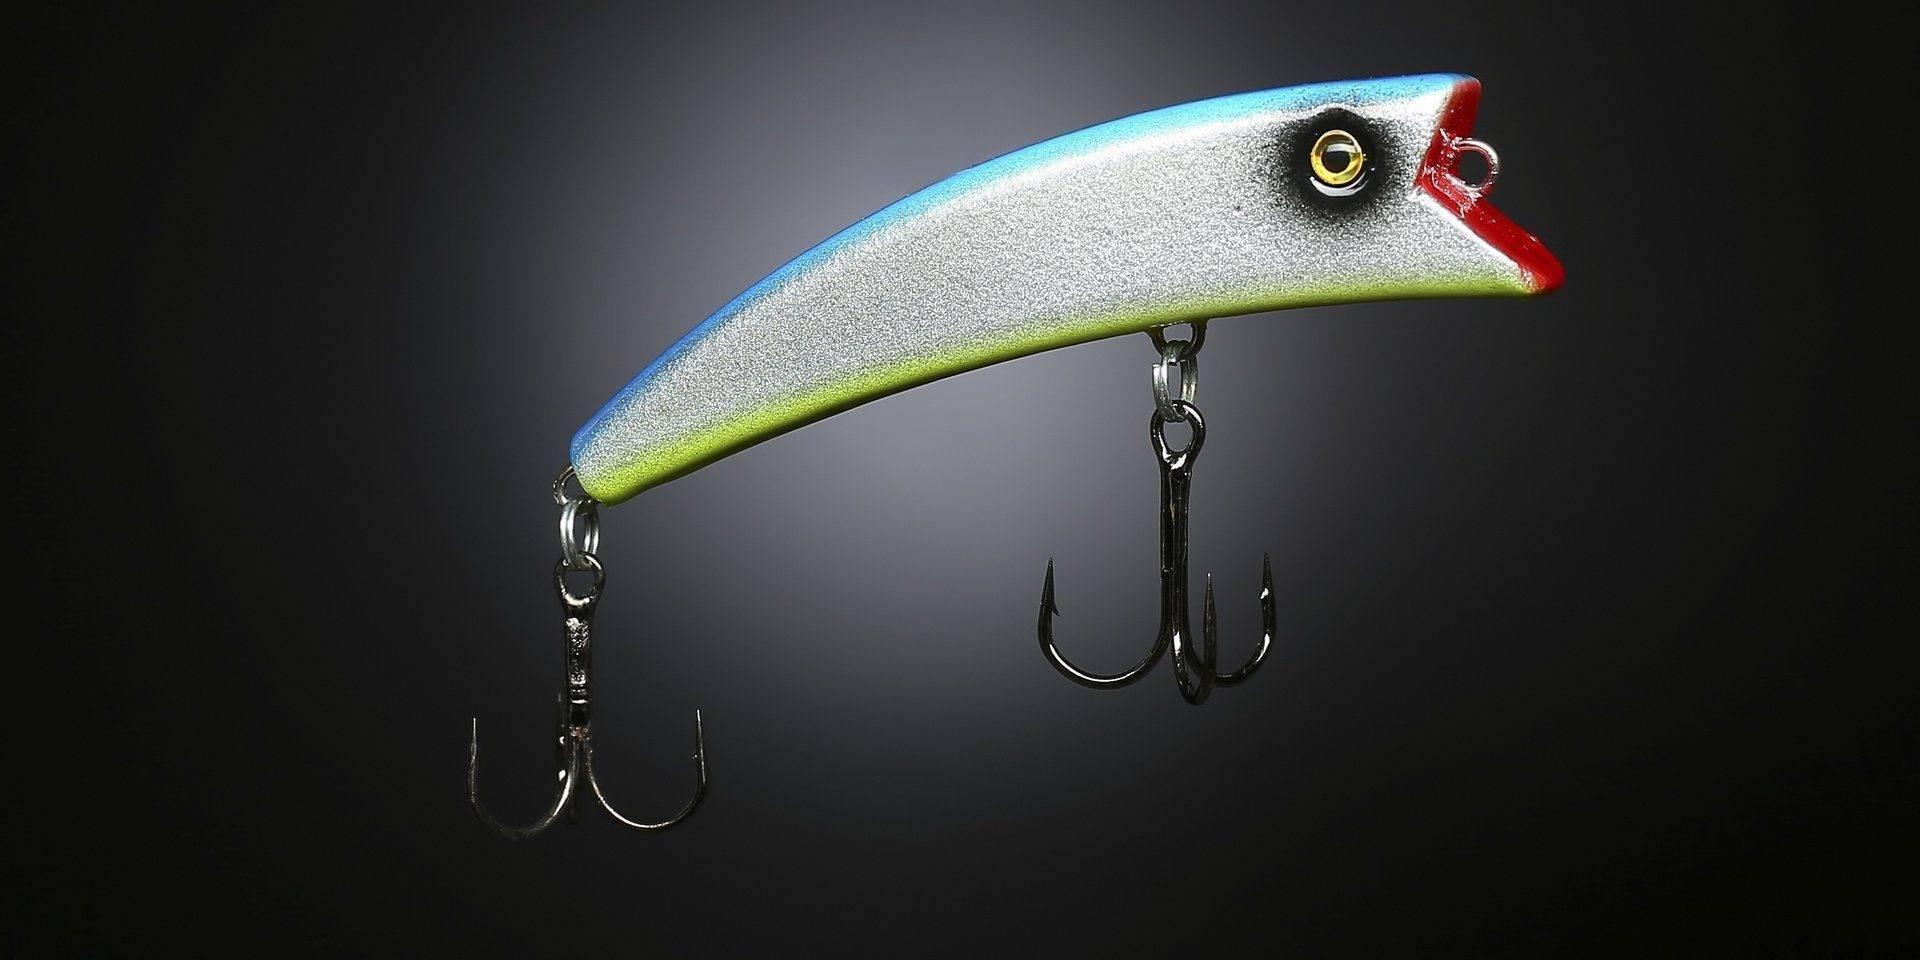 Лучшие воблеры для рыбалки: рейтинг самых уловистых моделей